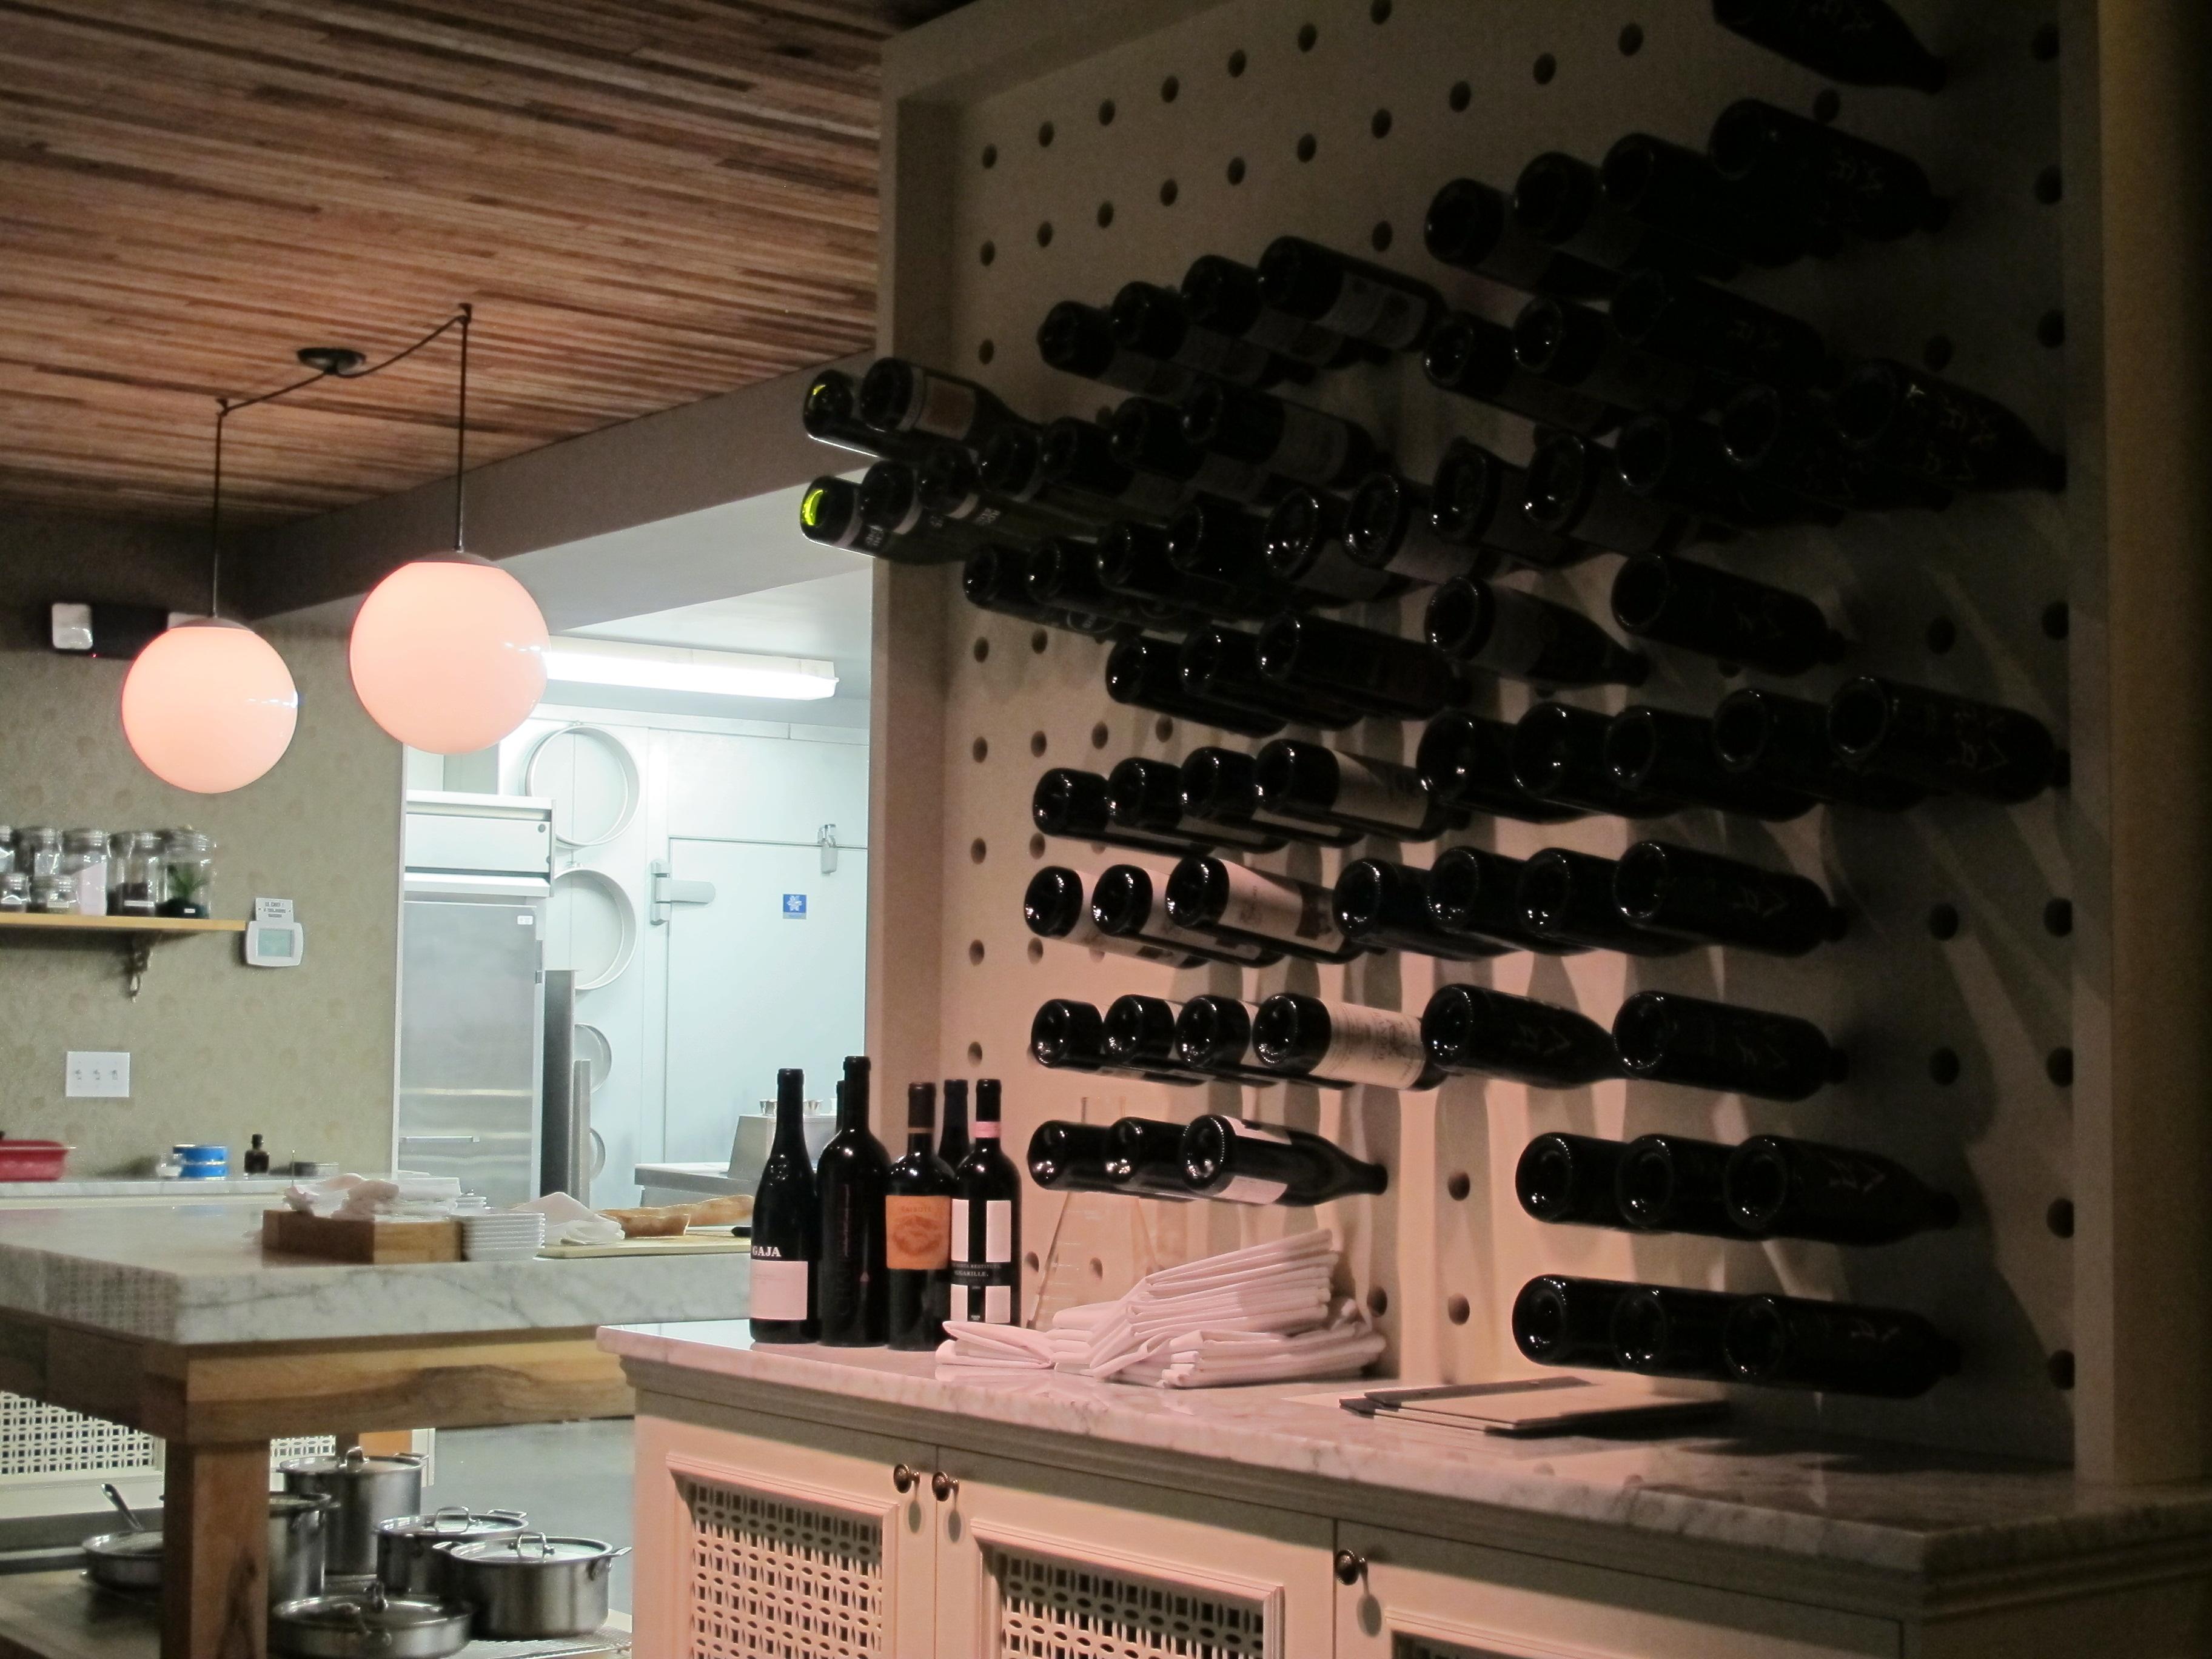 Restaurant-kitchen-cellar